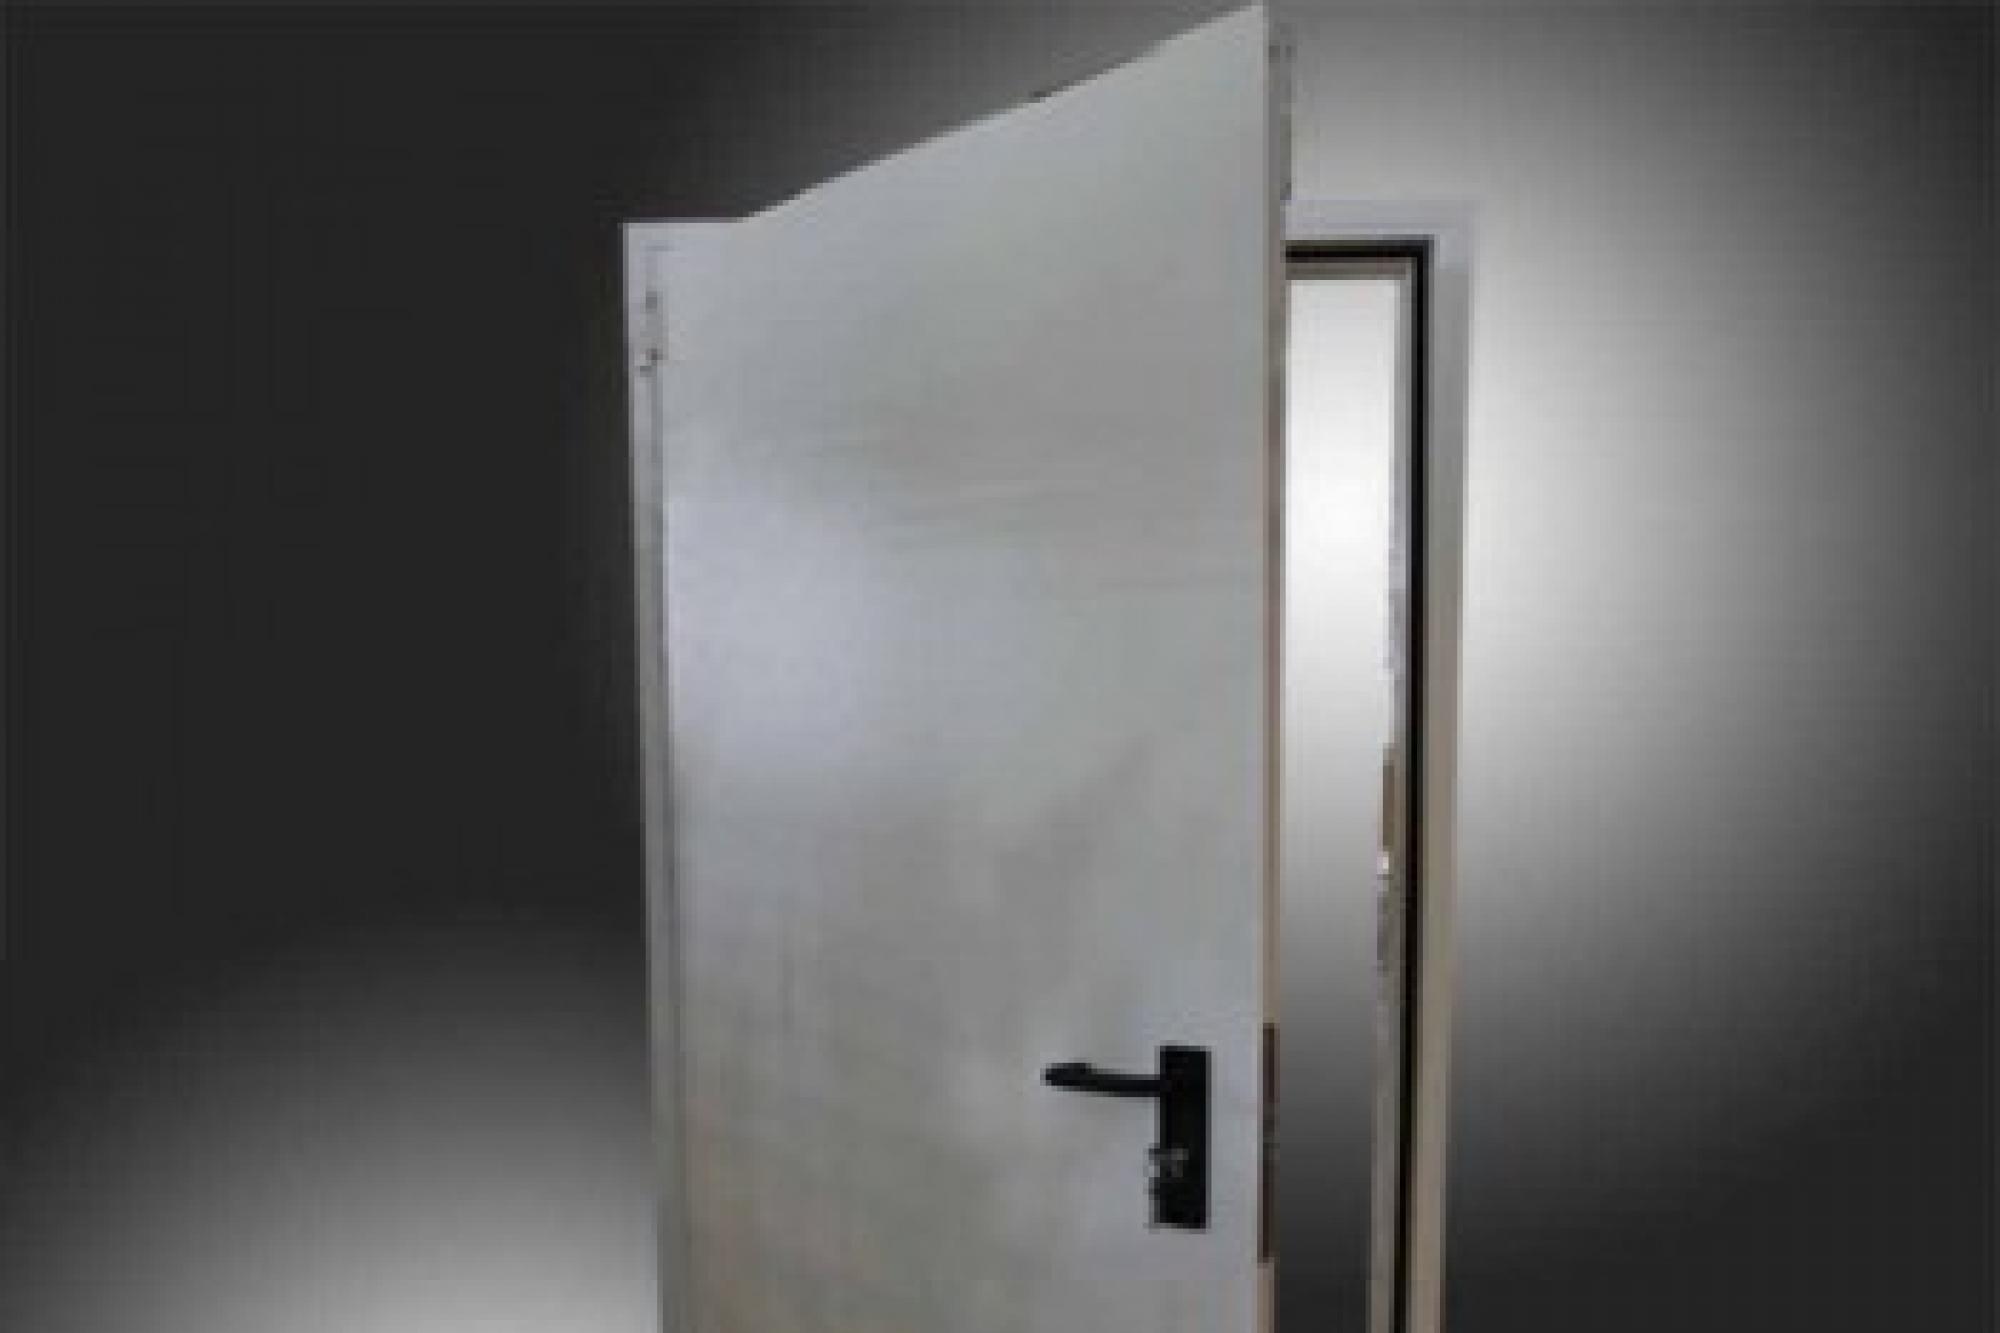 Porte antincendio in acciaio e porte multiuso richiedi for Porte rei 60 prezzo